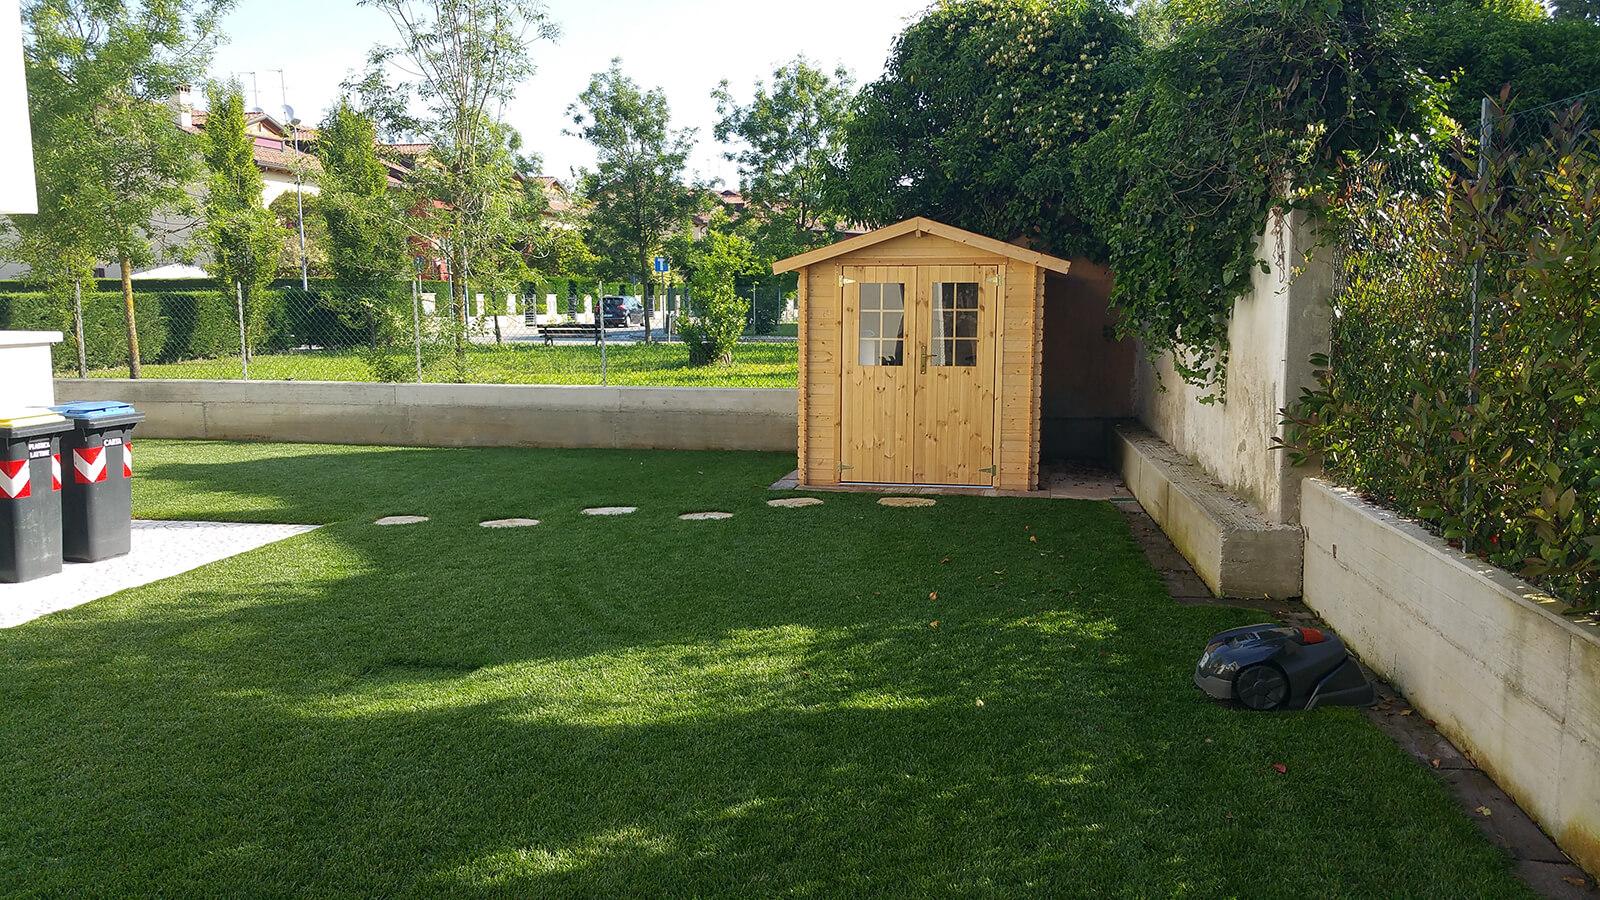 progettazione realizzazione giardini padova - verde blu giardini 1